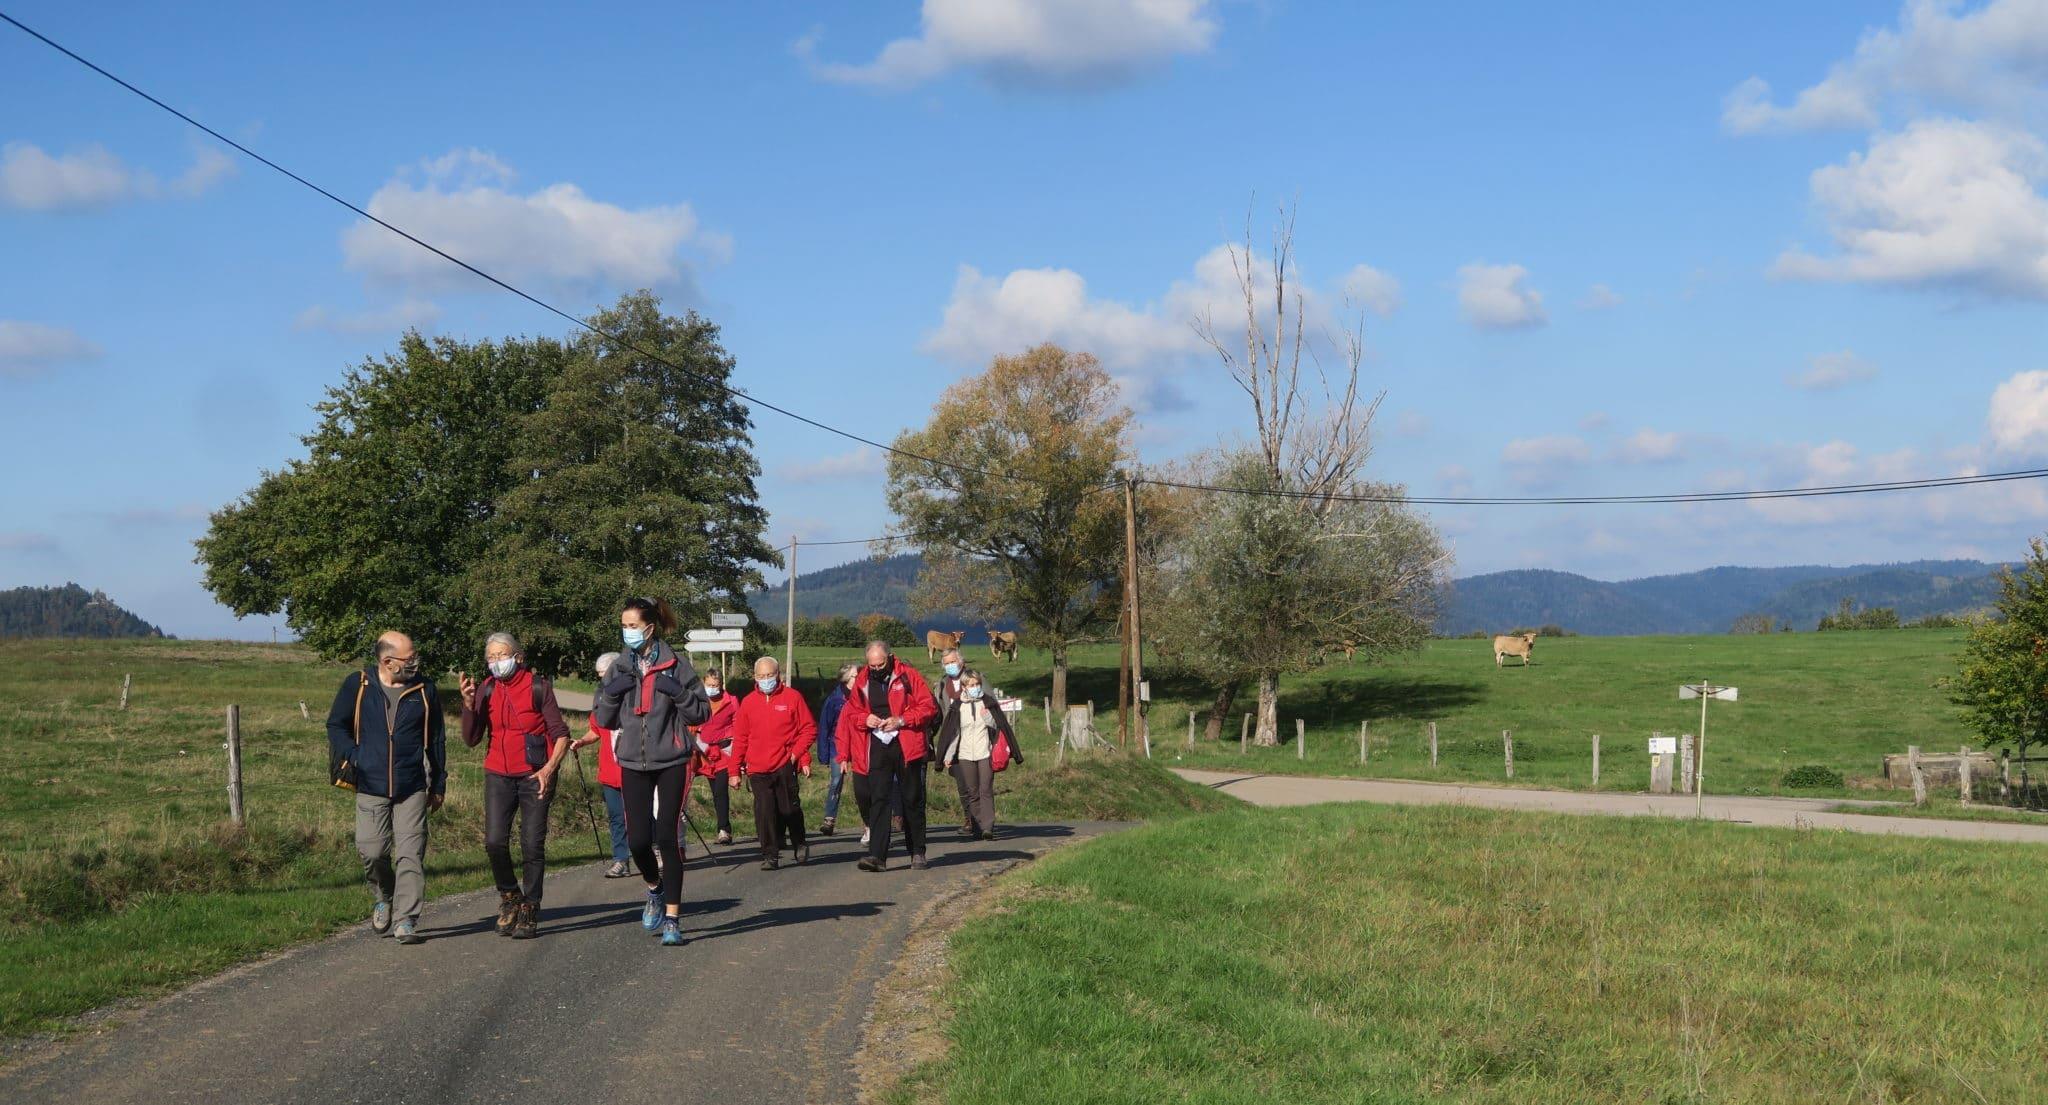 les marcheurs aux environs de Deyfosse